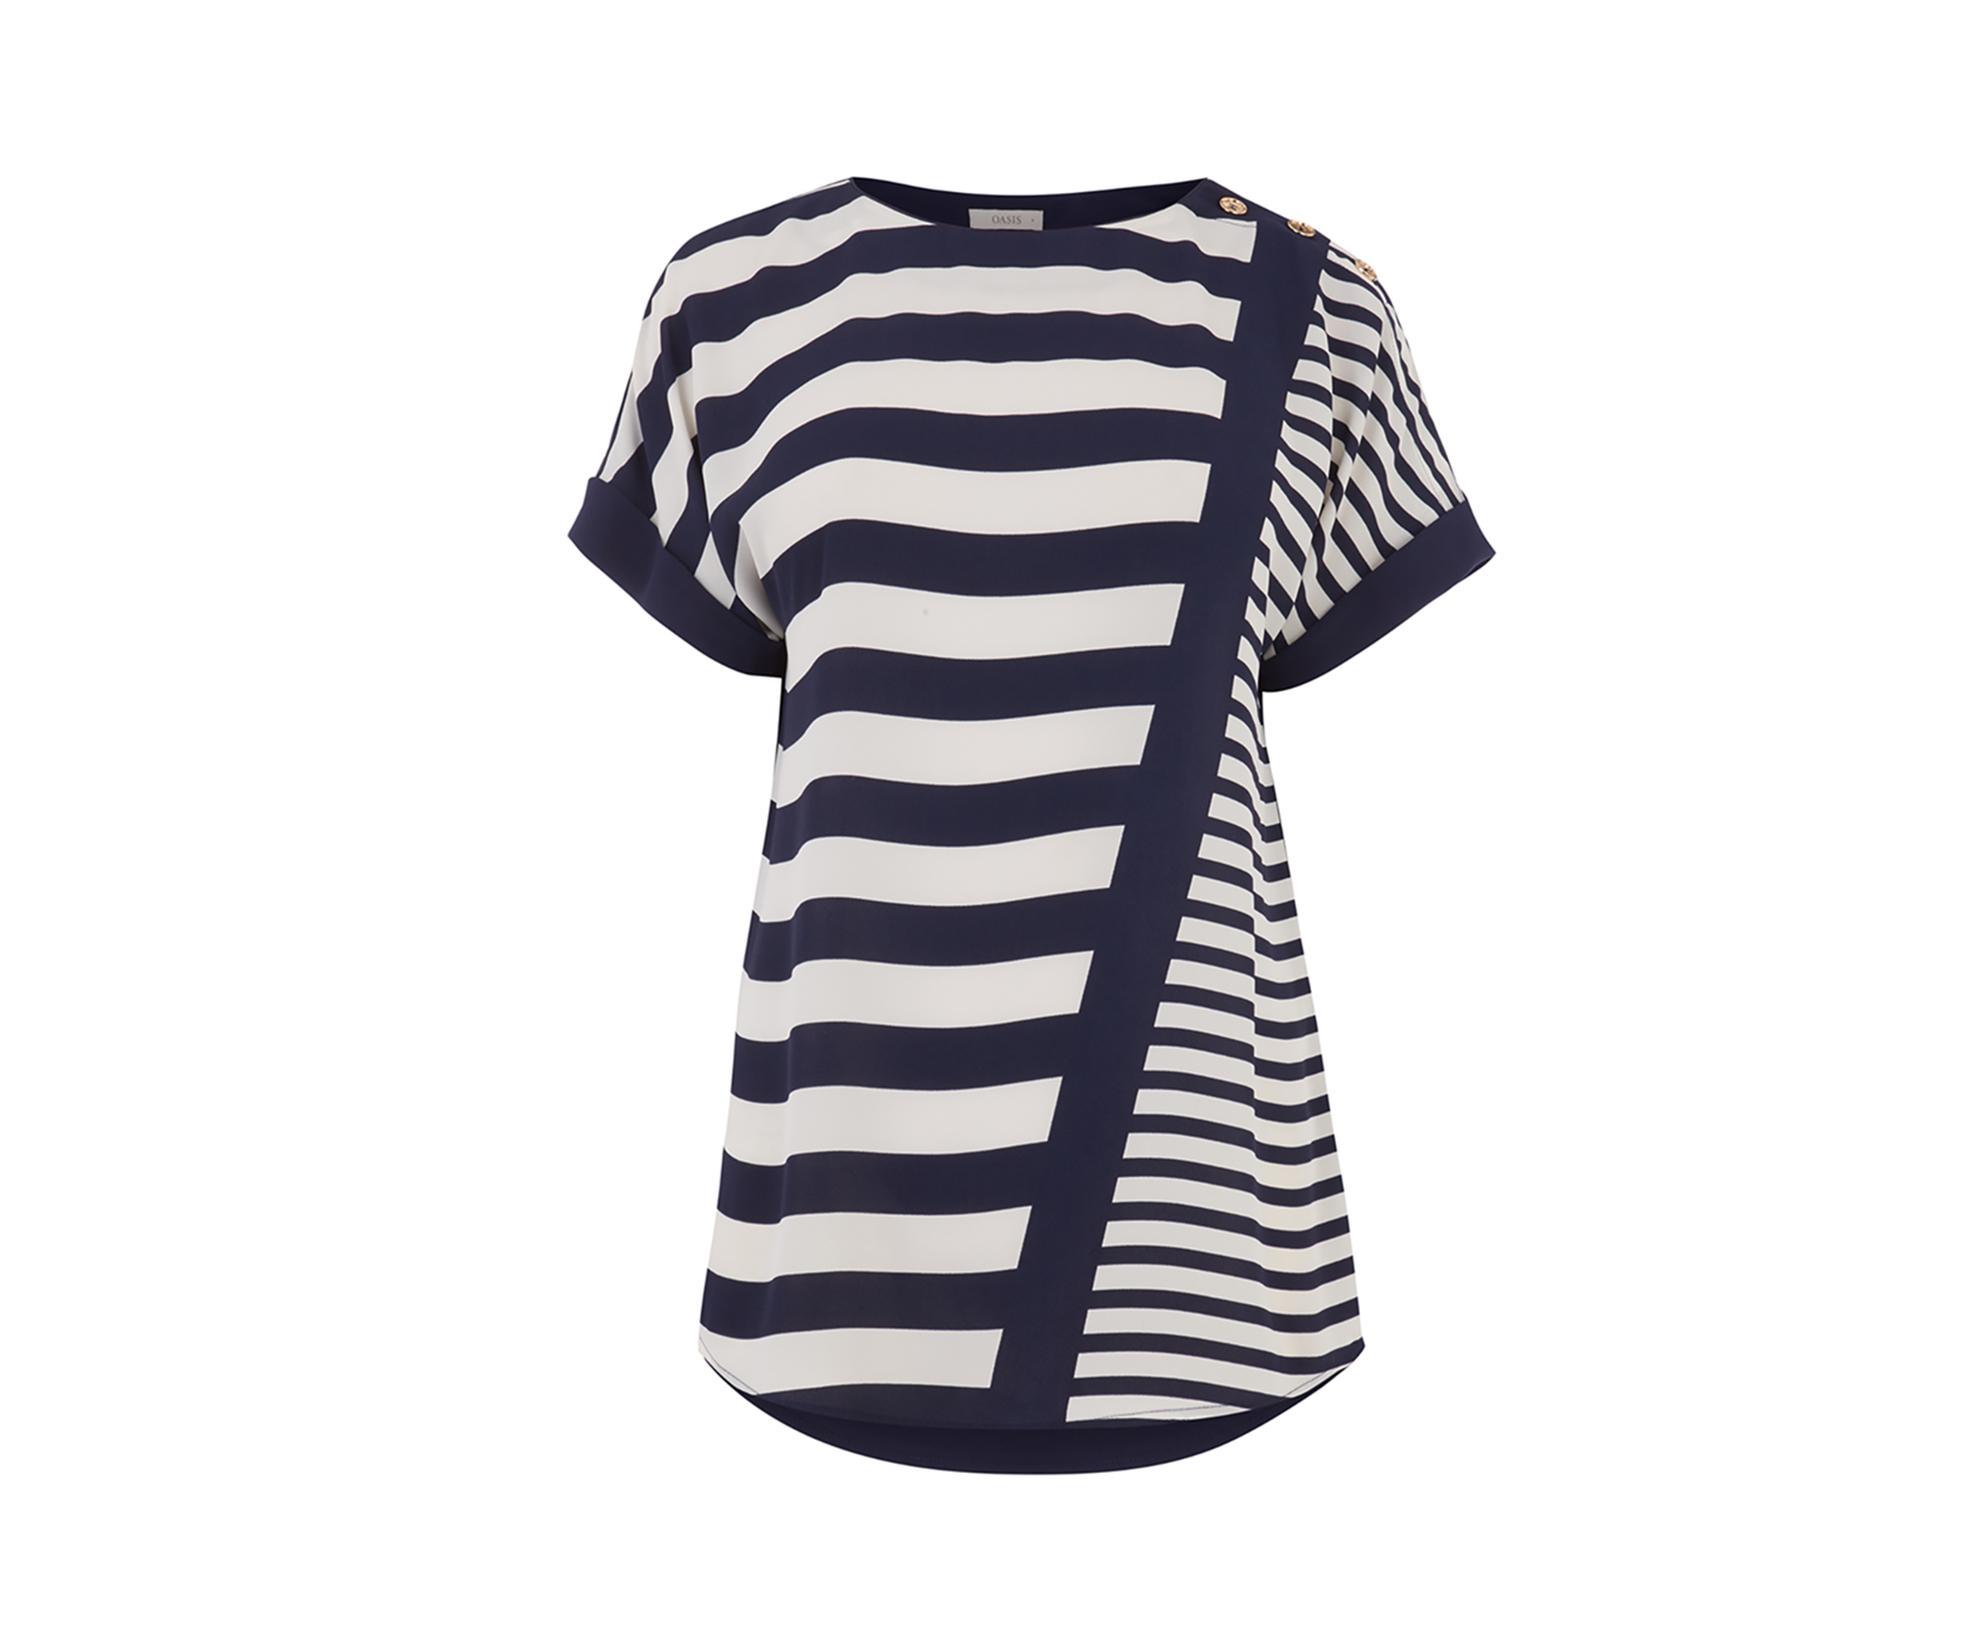 3e7741b7c Lyst - Oasis Stripe Roll Sleeve Tee in Blue